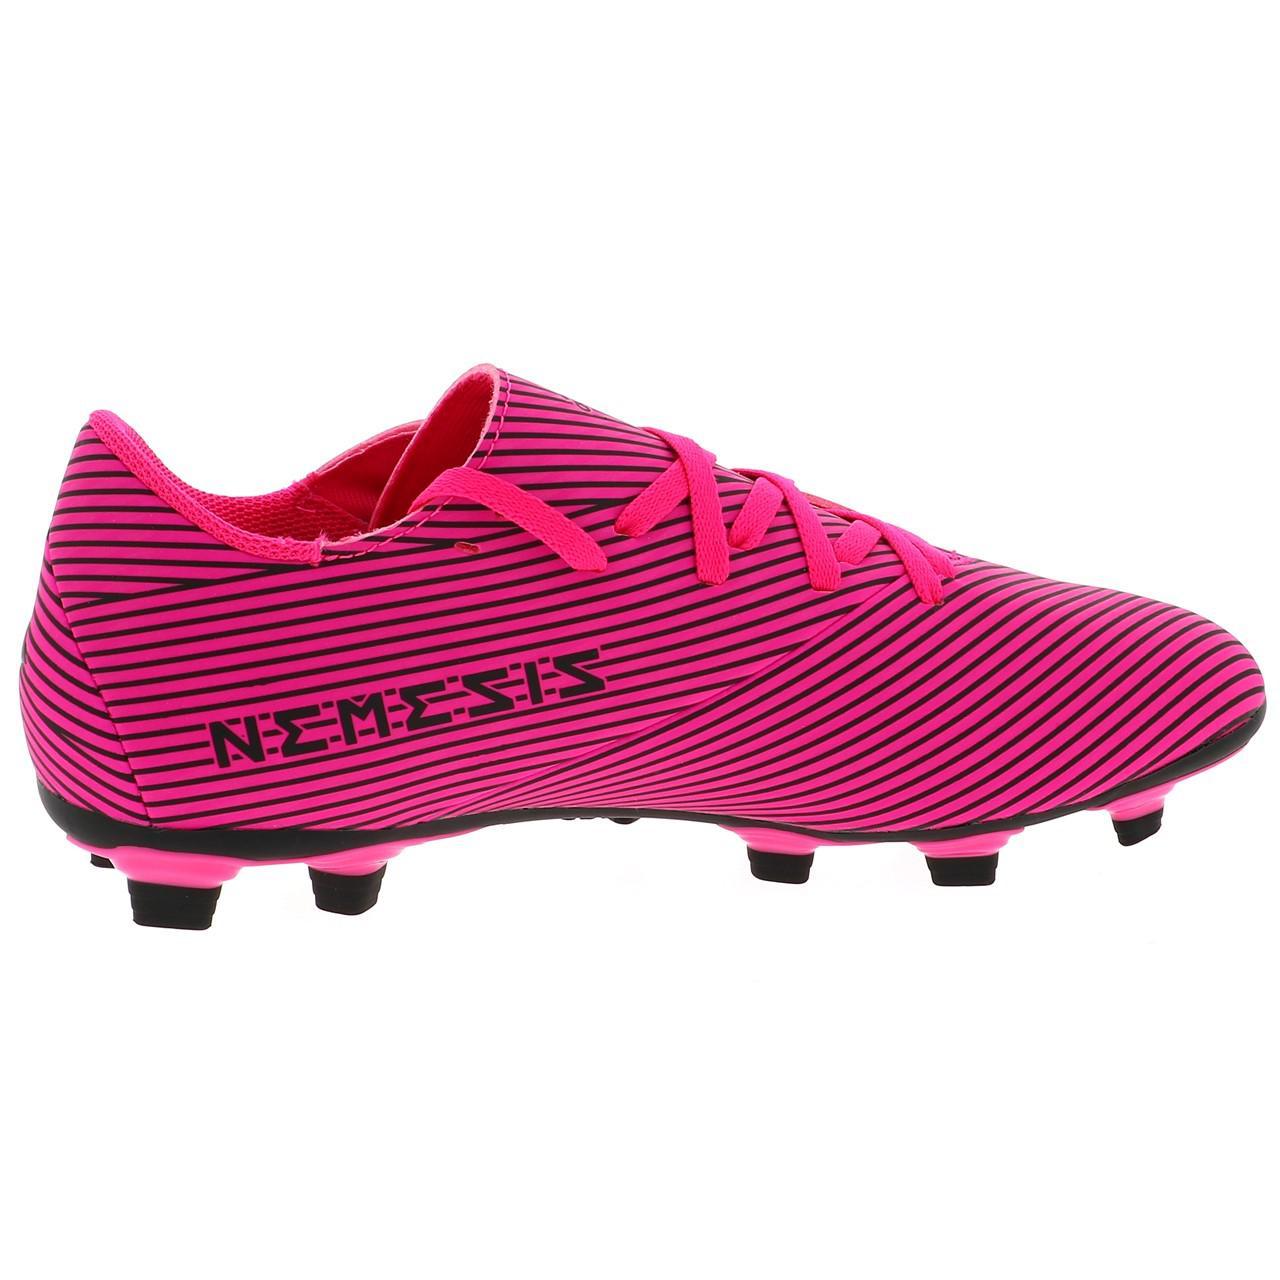 Football-Shoes-Flap-Adidas-Nemeziz-19-4-Fxg-Pink-48290-New thumbnail 4